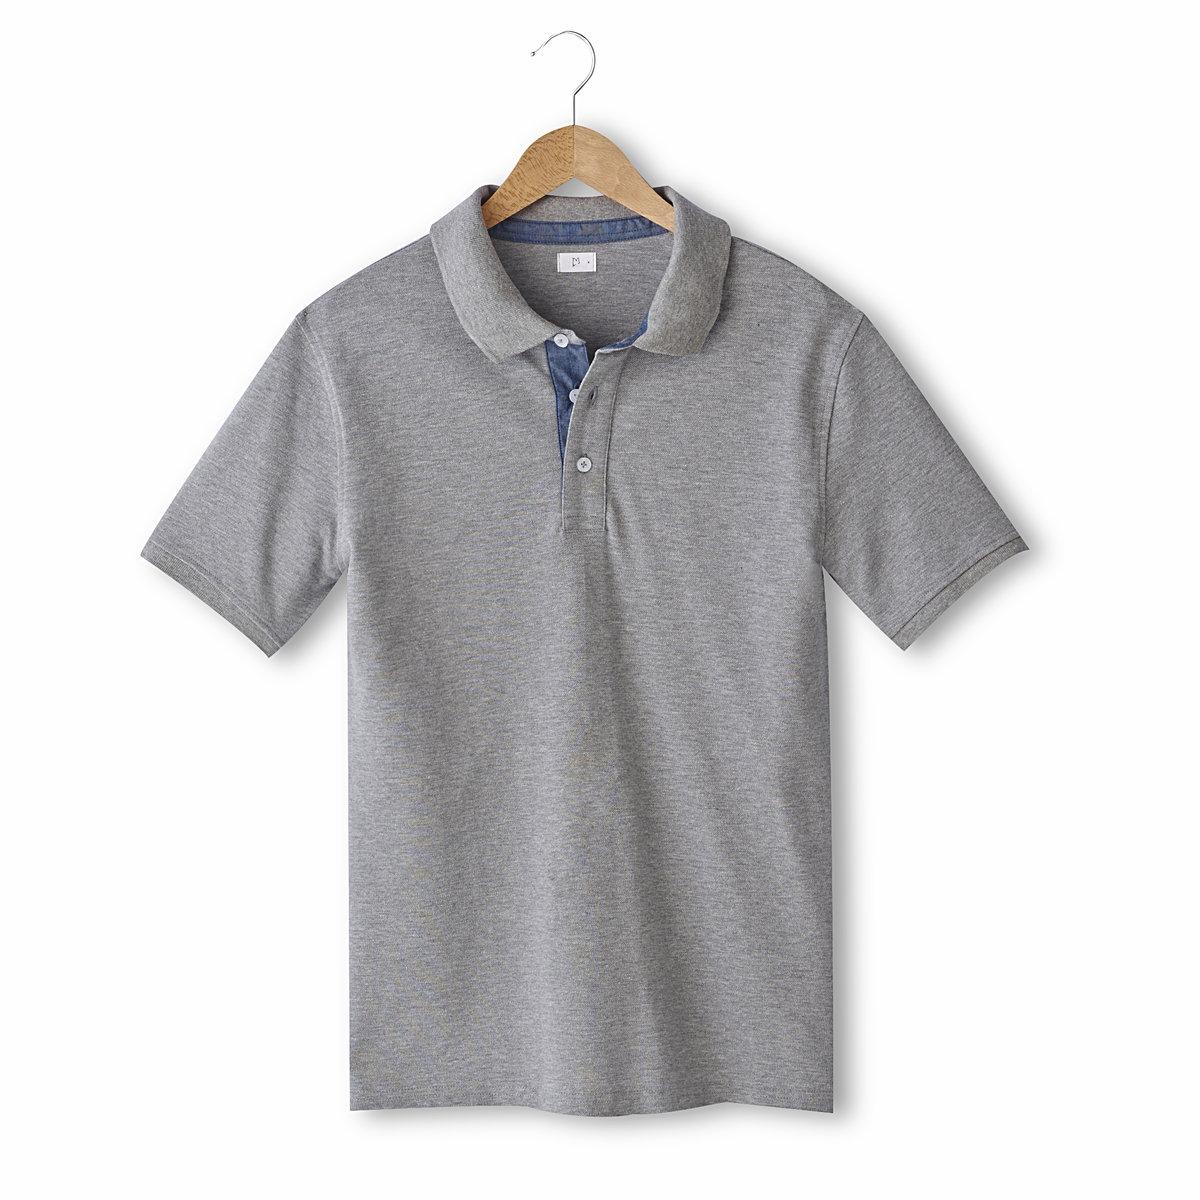 Футболка-полоФутболка-поло из трикотажа-пике, 100% хлопка. Короткие рукава. Внутренняя часть воротника из ткани шамбре. Застежка на 3 пуговицах из искусственного перламутра.Длина.73 см<br><br>Цвет: серый меланж,темно-синий